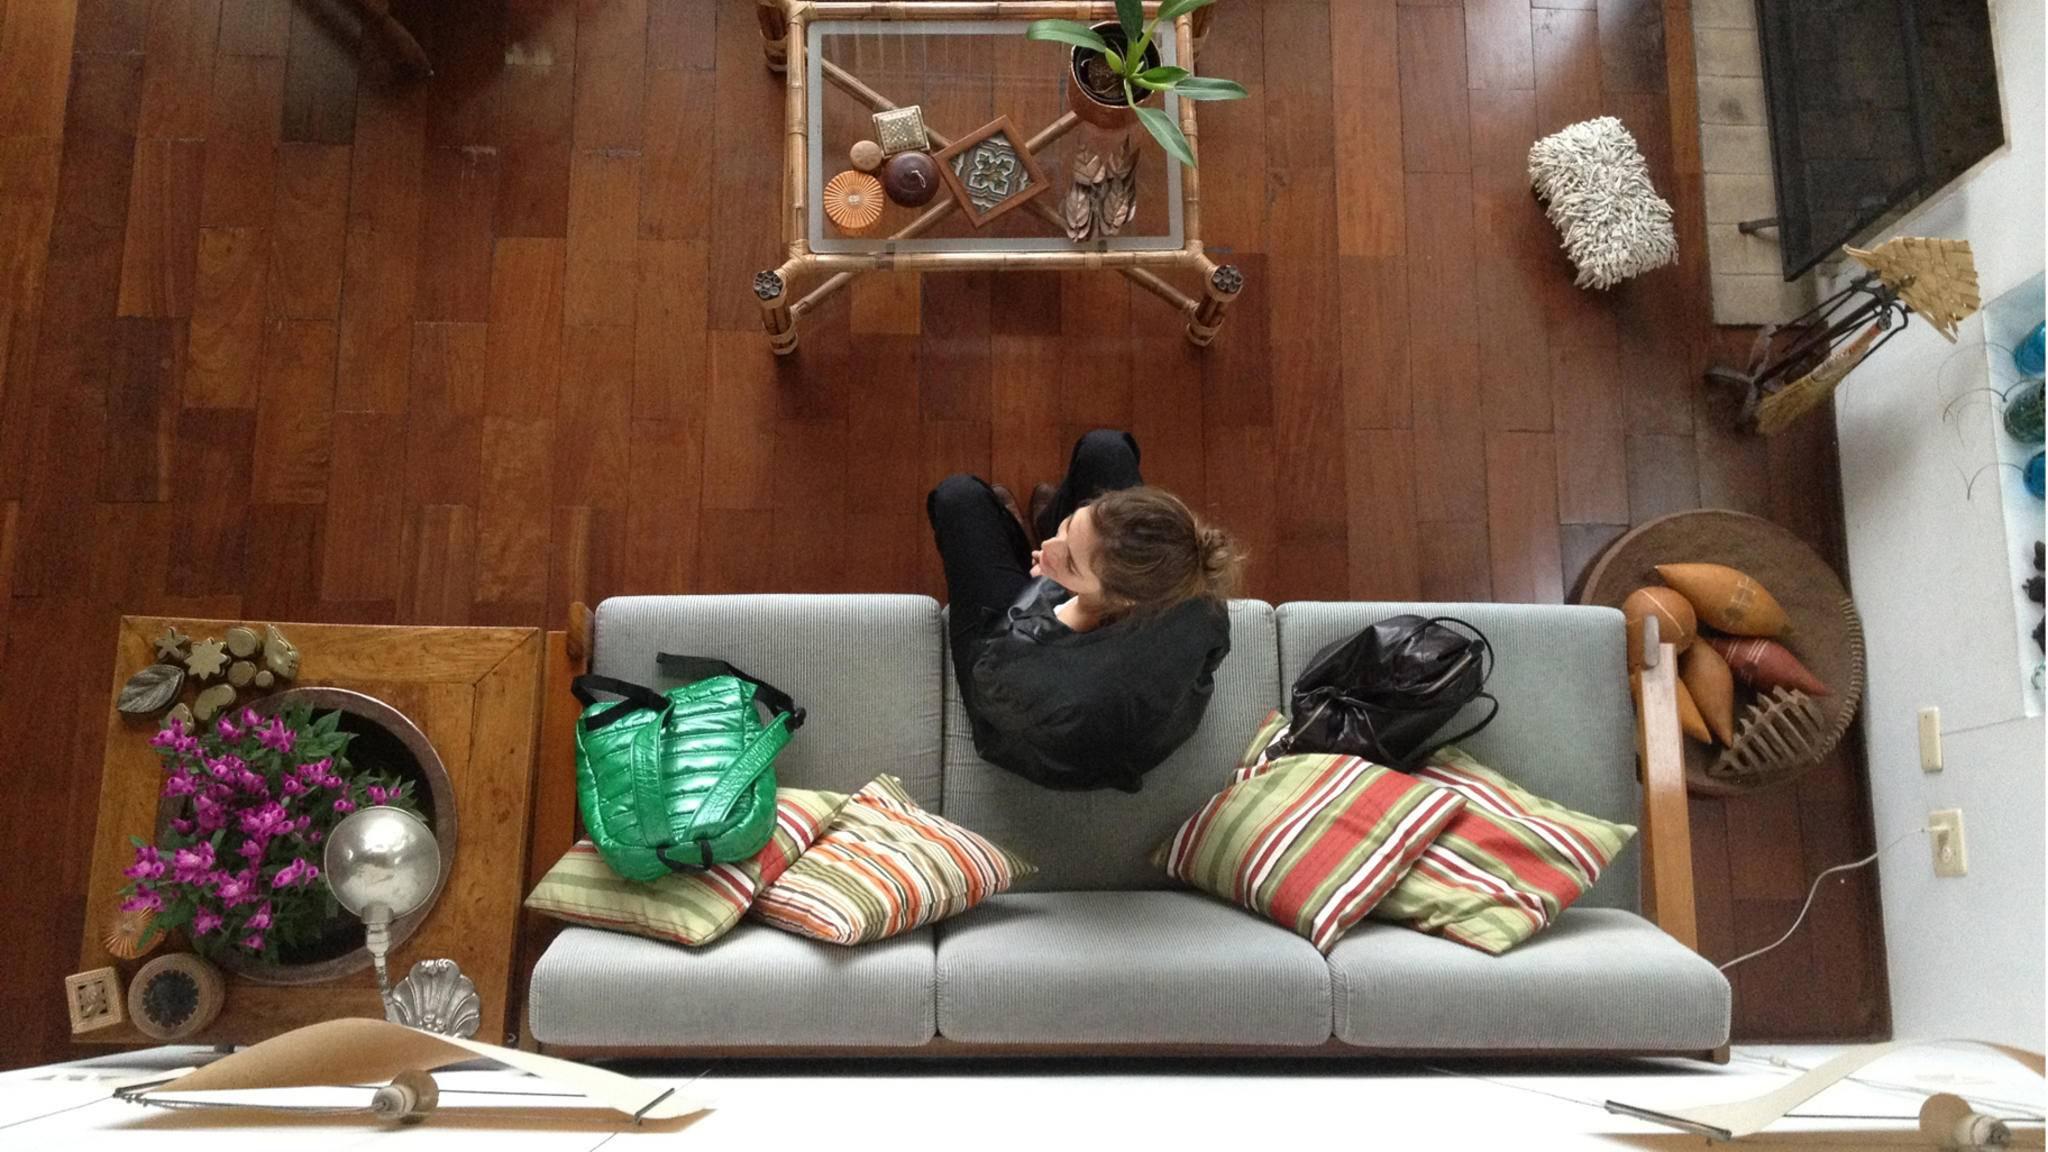 Hinter diesem Sofa lässt sich noch locker Ablagefläche schaffen.